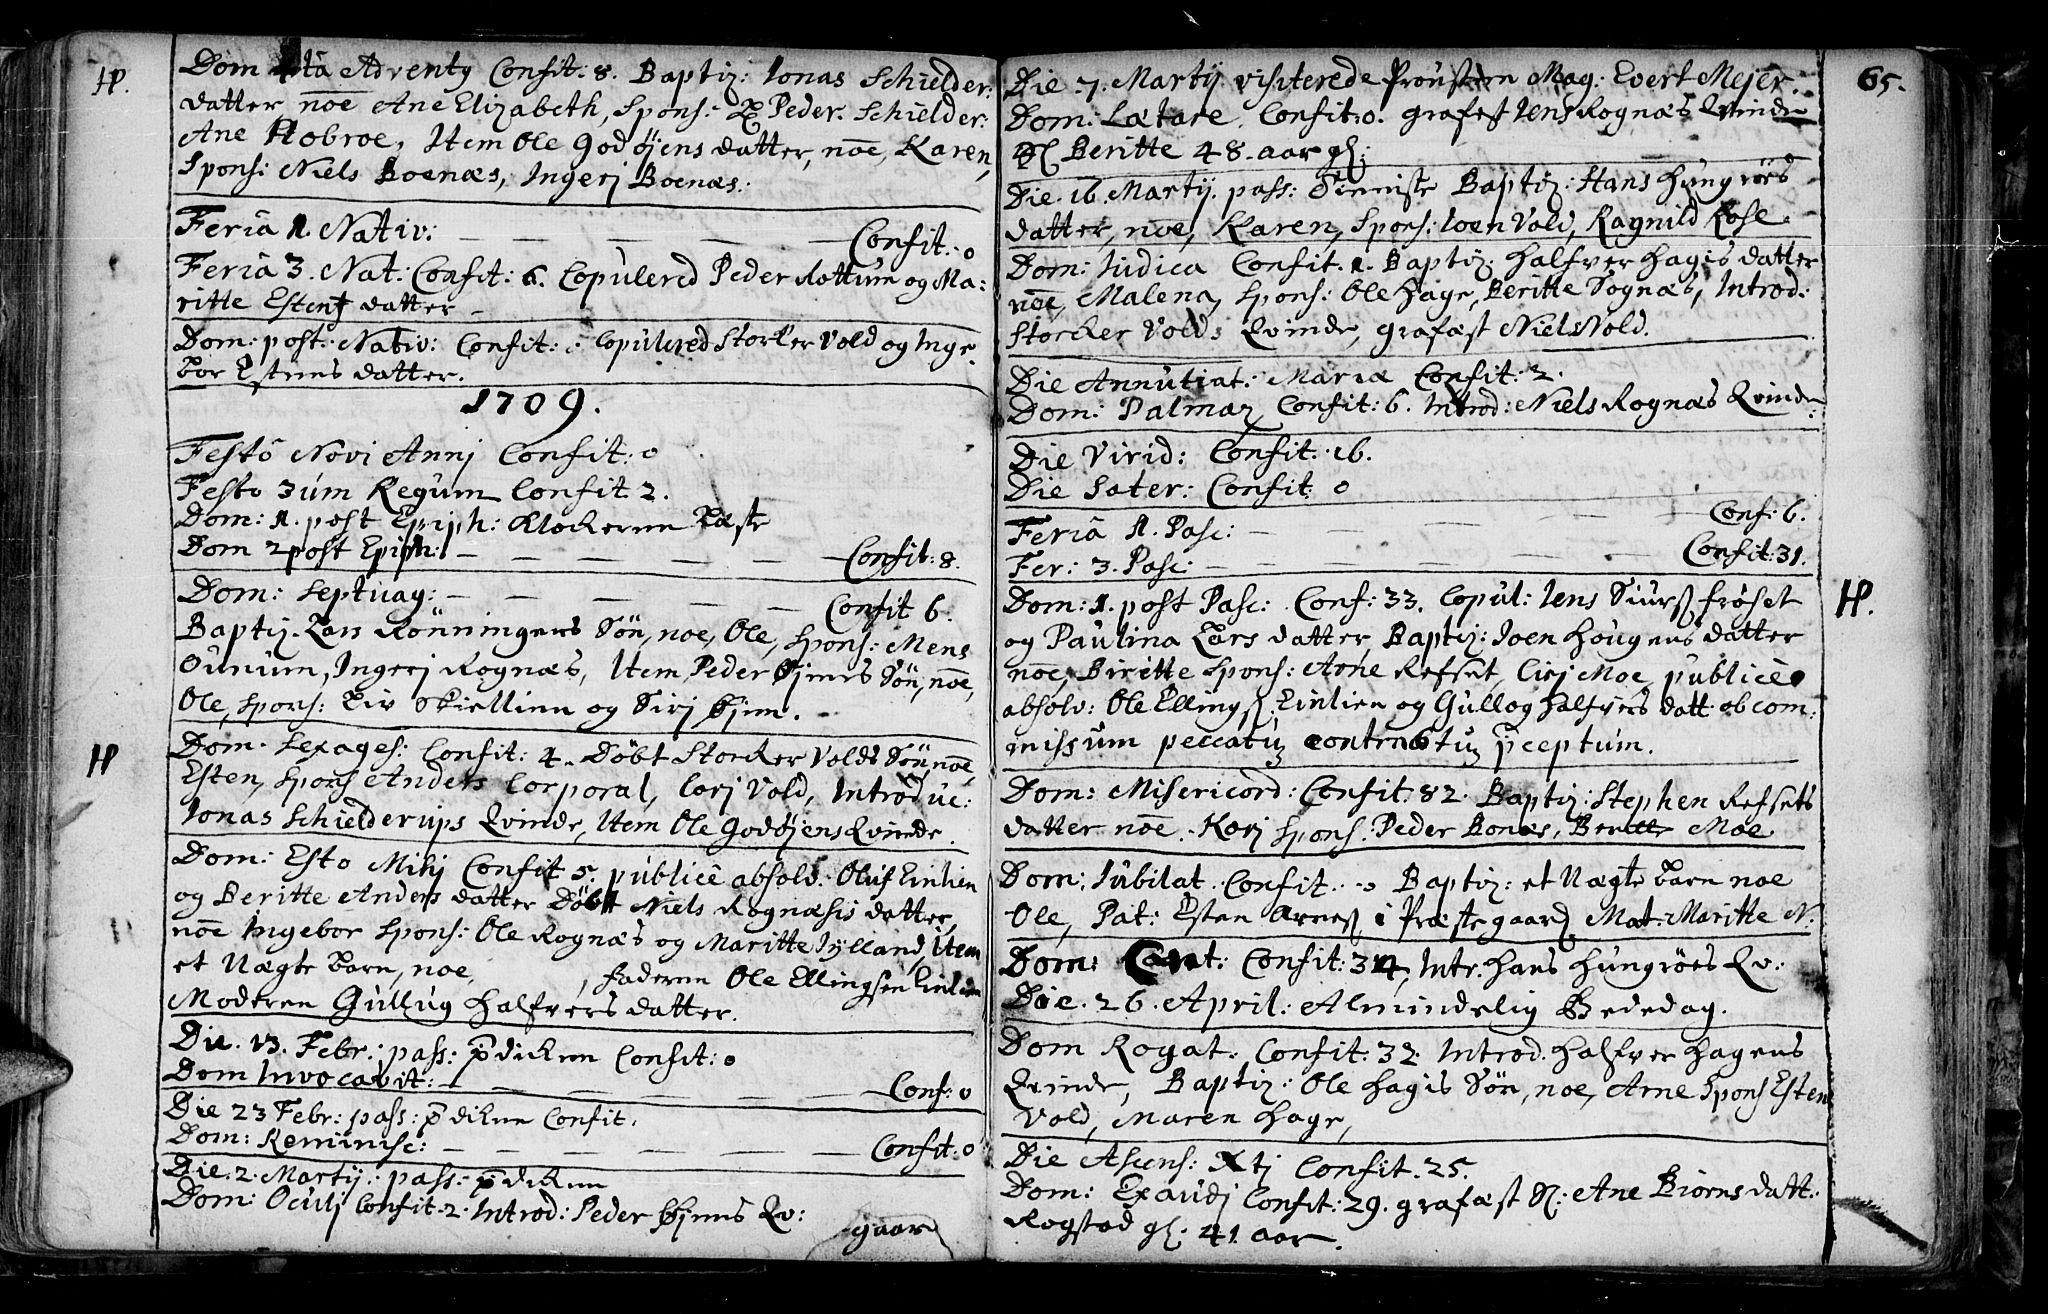 SAT, Ministerialprotokoller, klokkerbøker og fødselsregistre - Sør-Trøndelag, 687/L0990: Ministerialbok nr. 687A01, 1690-1746, s. 65